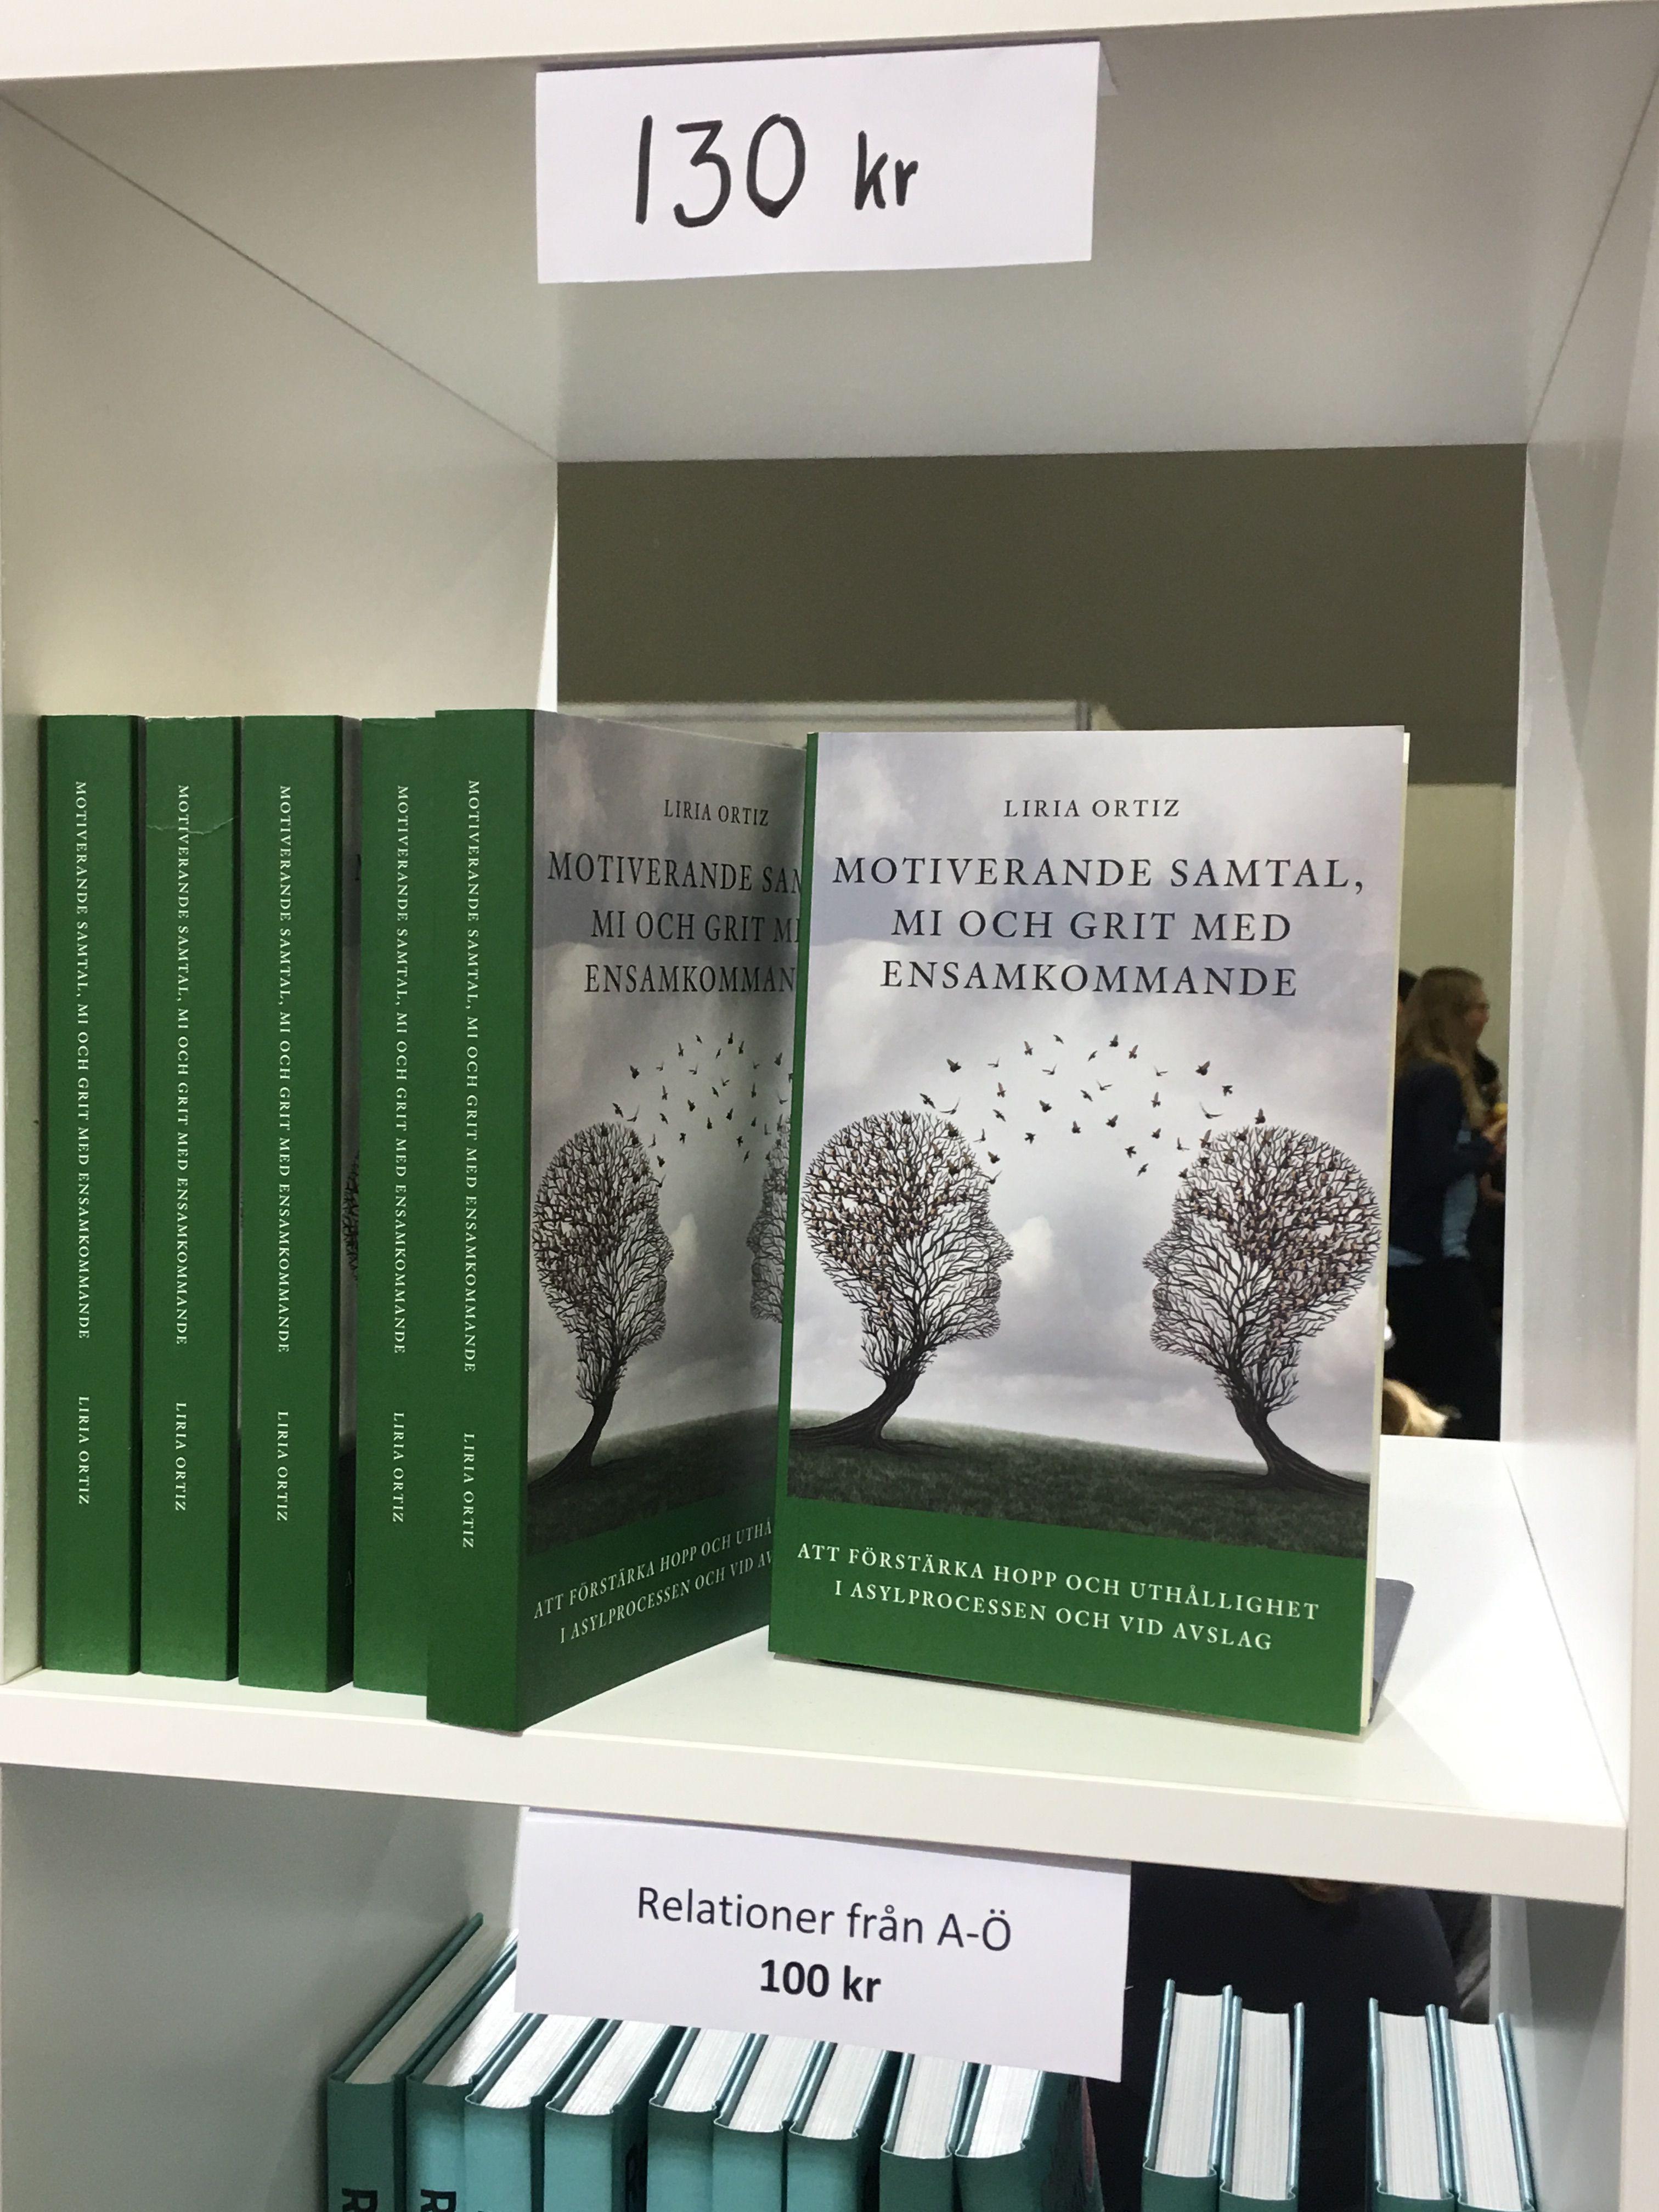 Finns du på Bokmässan och vill få min bok gratis? Kom till Psykologiscenen C-hallen 05:31. Det finns 6 exemplar kvar!